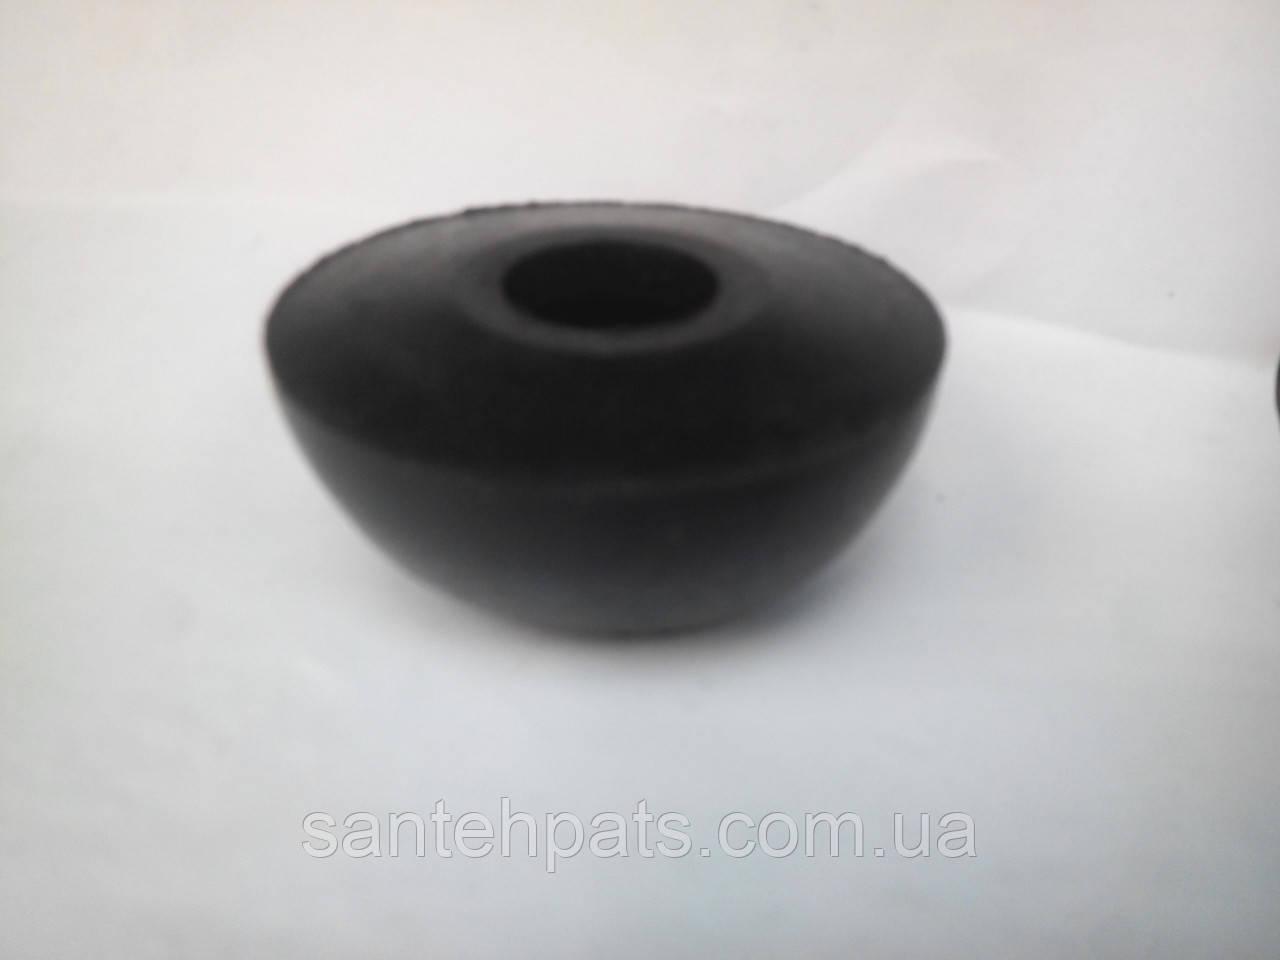 Клапан арматуры бачка унитаза 61х22х25, фото 1